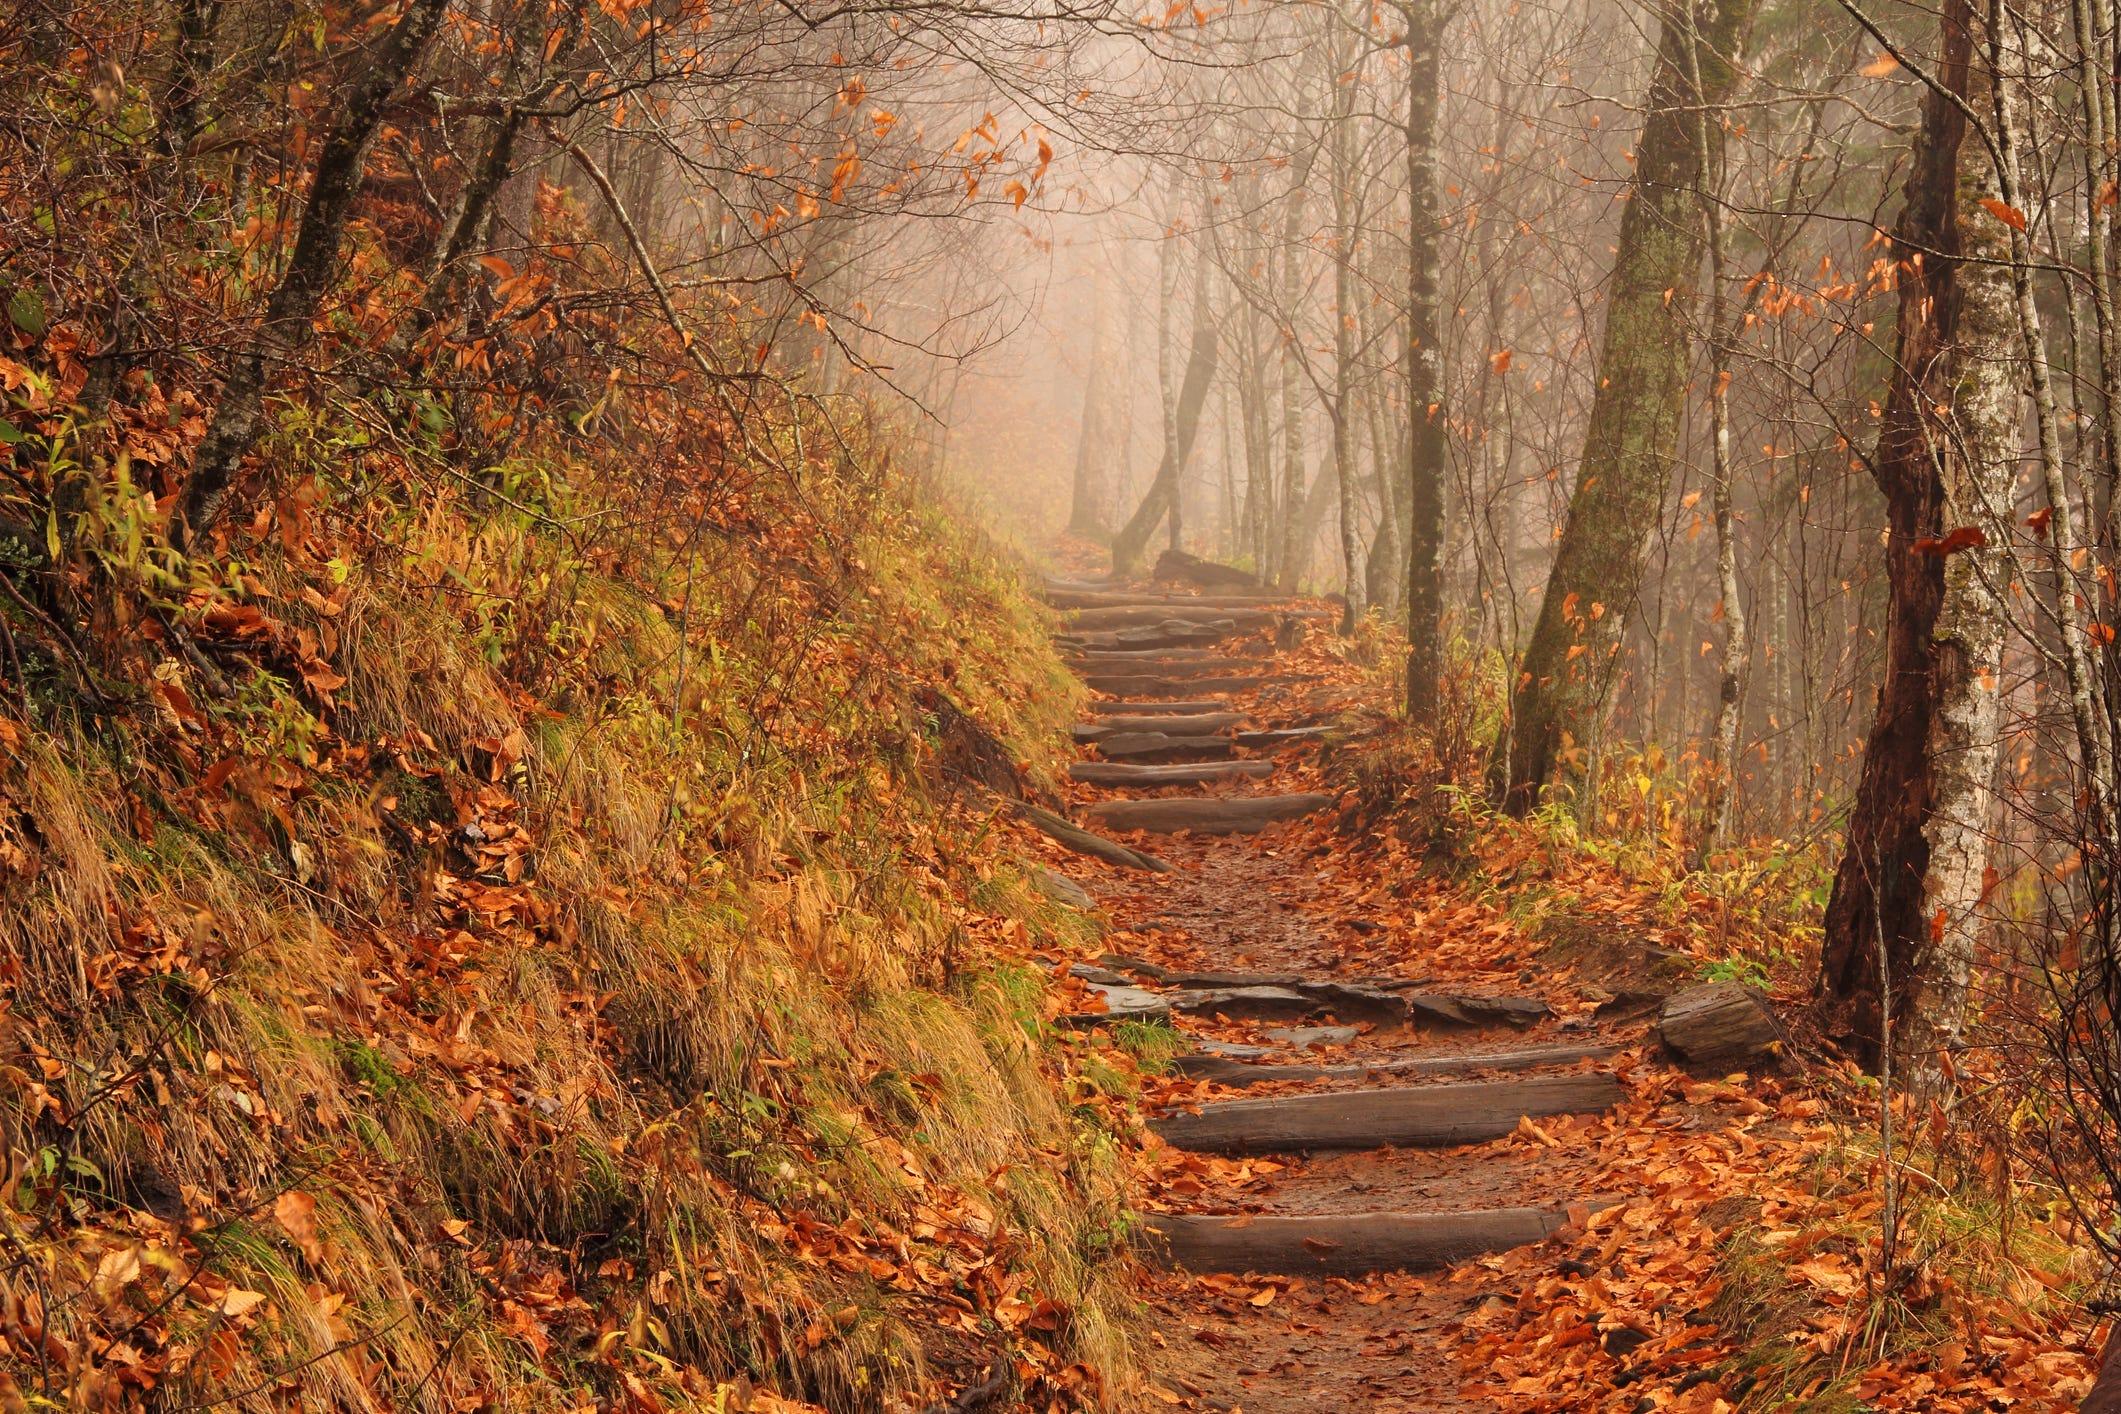 Appalacian trail naked day